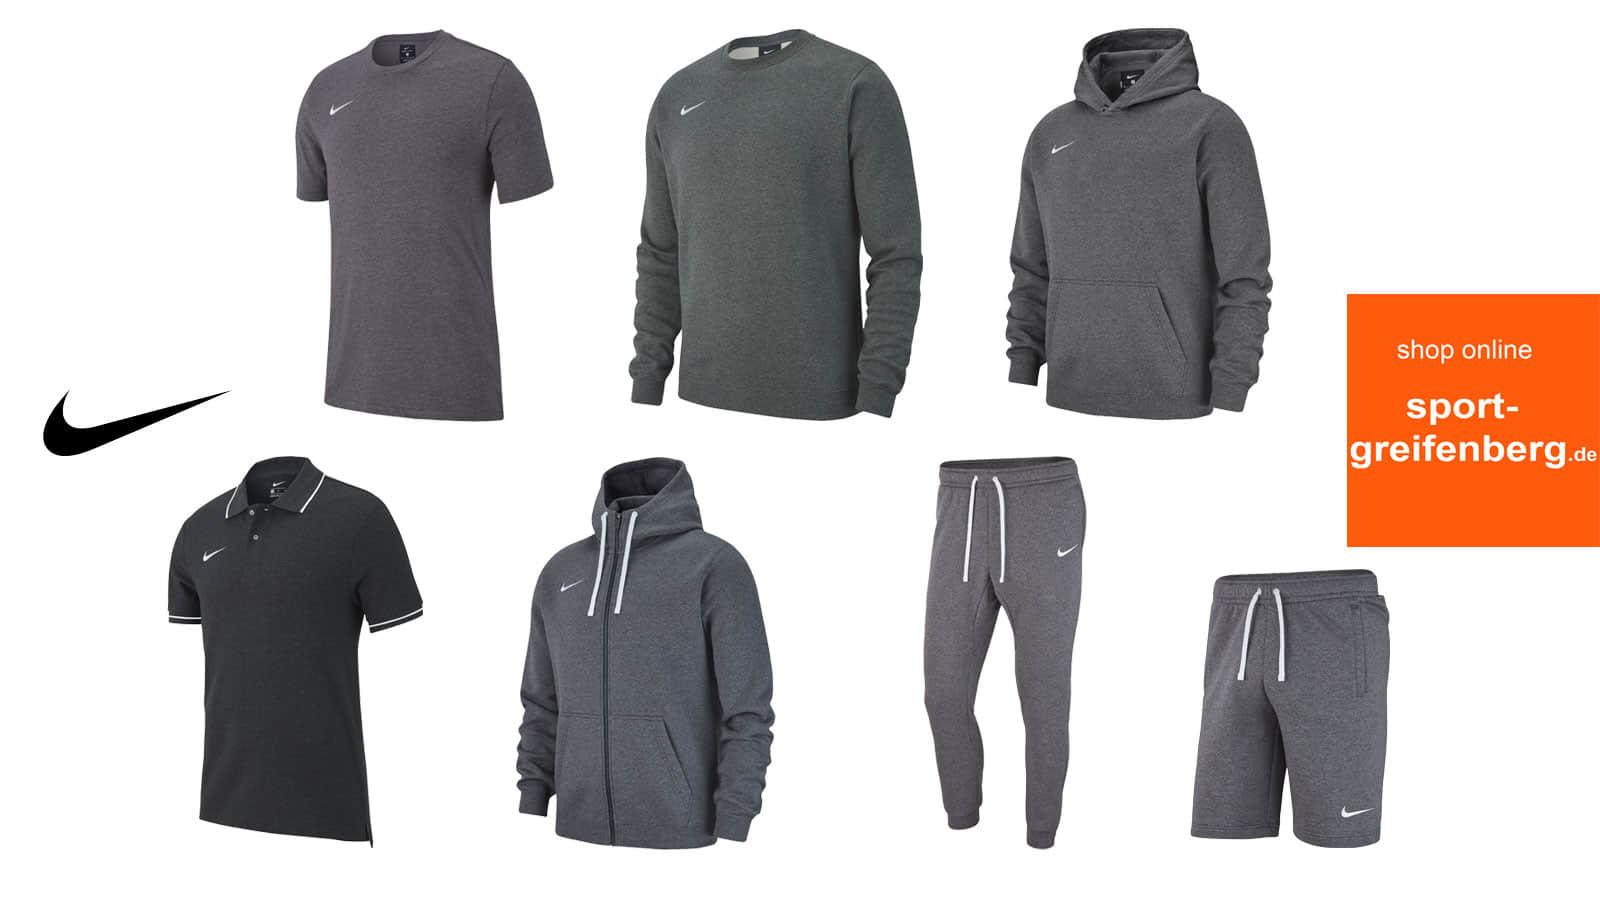 Die Nike Club 19 Artikelauswahl